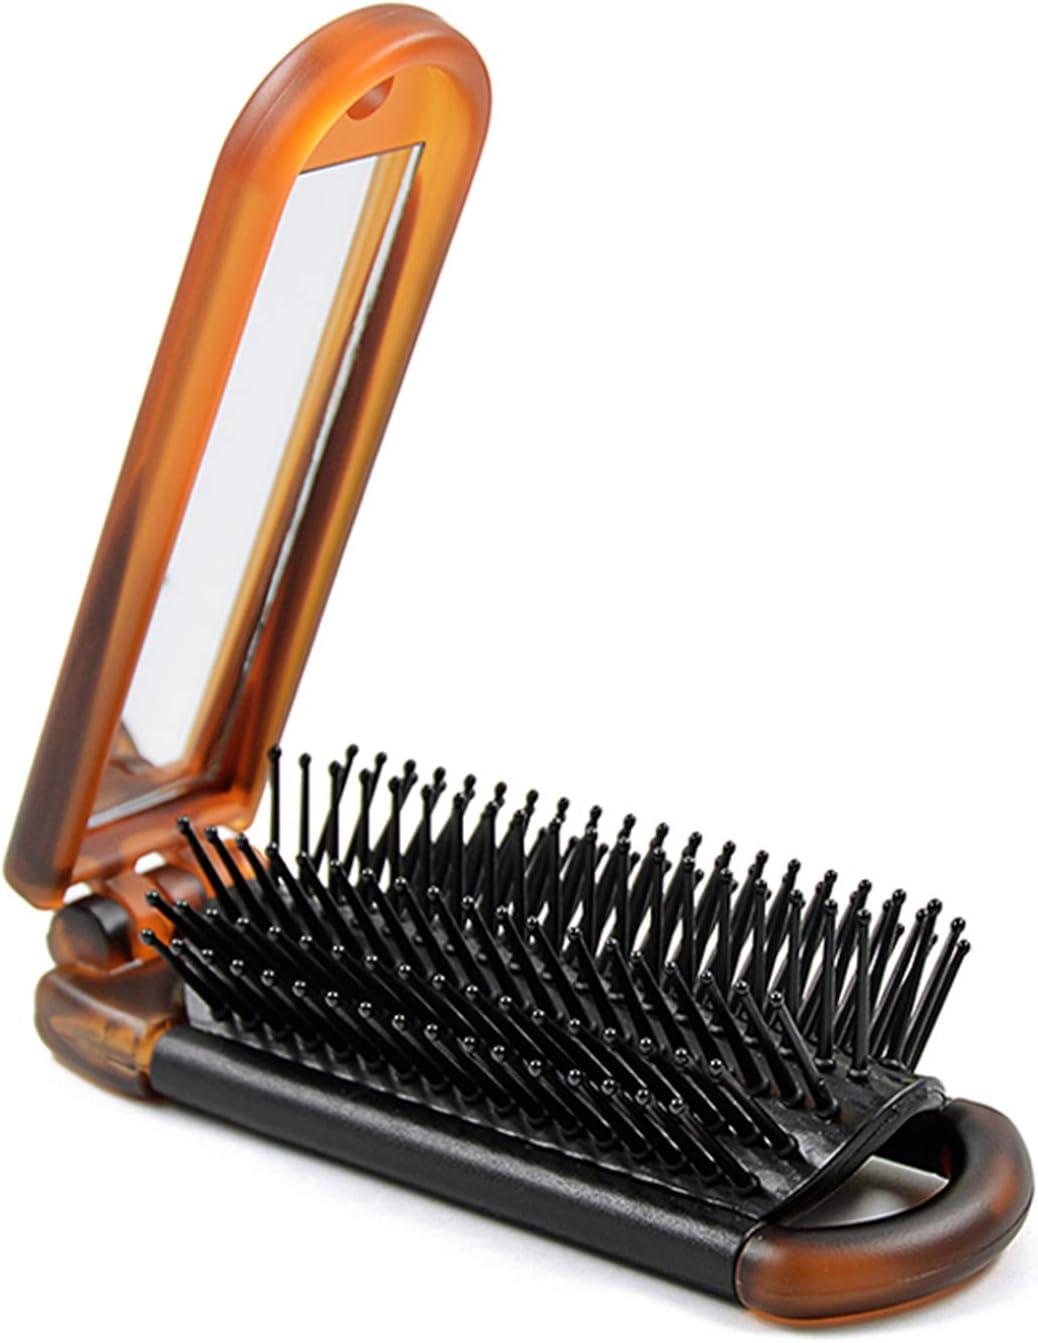 Ancable - Cepillo Plegable para El Pelo Con Espejo, Tamaño Compacto, para Viajes, Coches, Gimnasio, Monederos